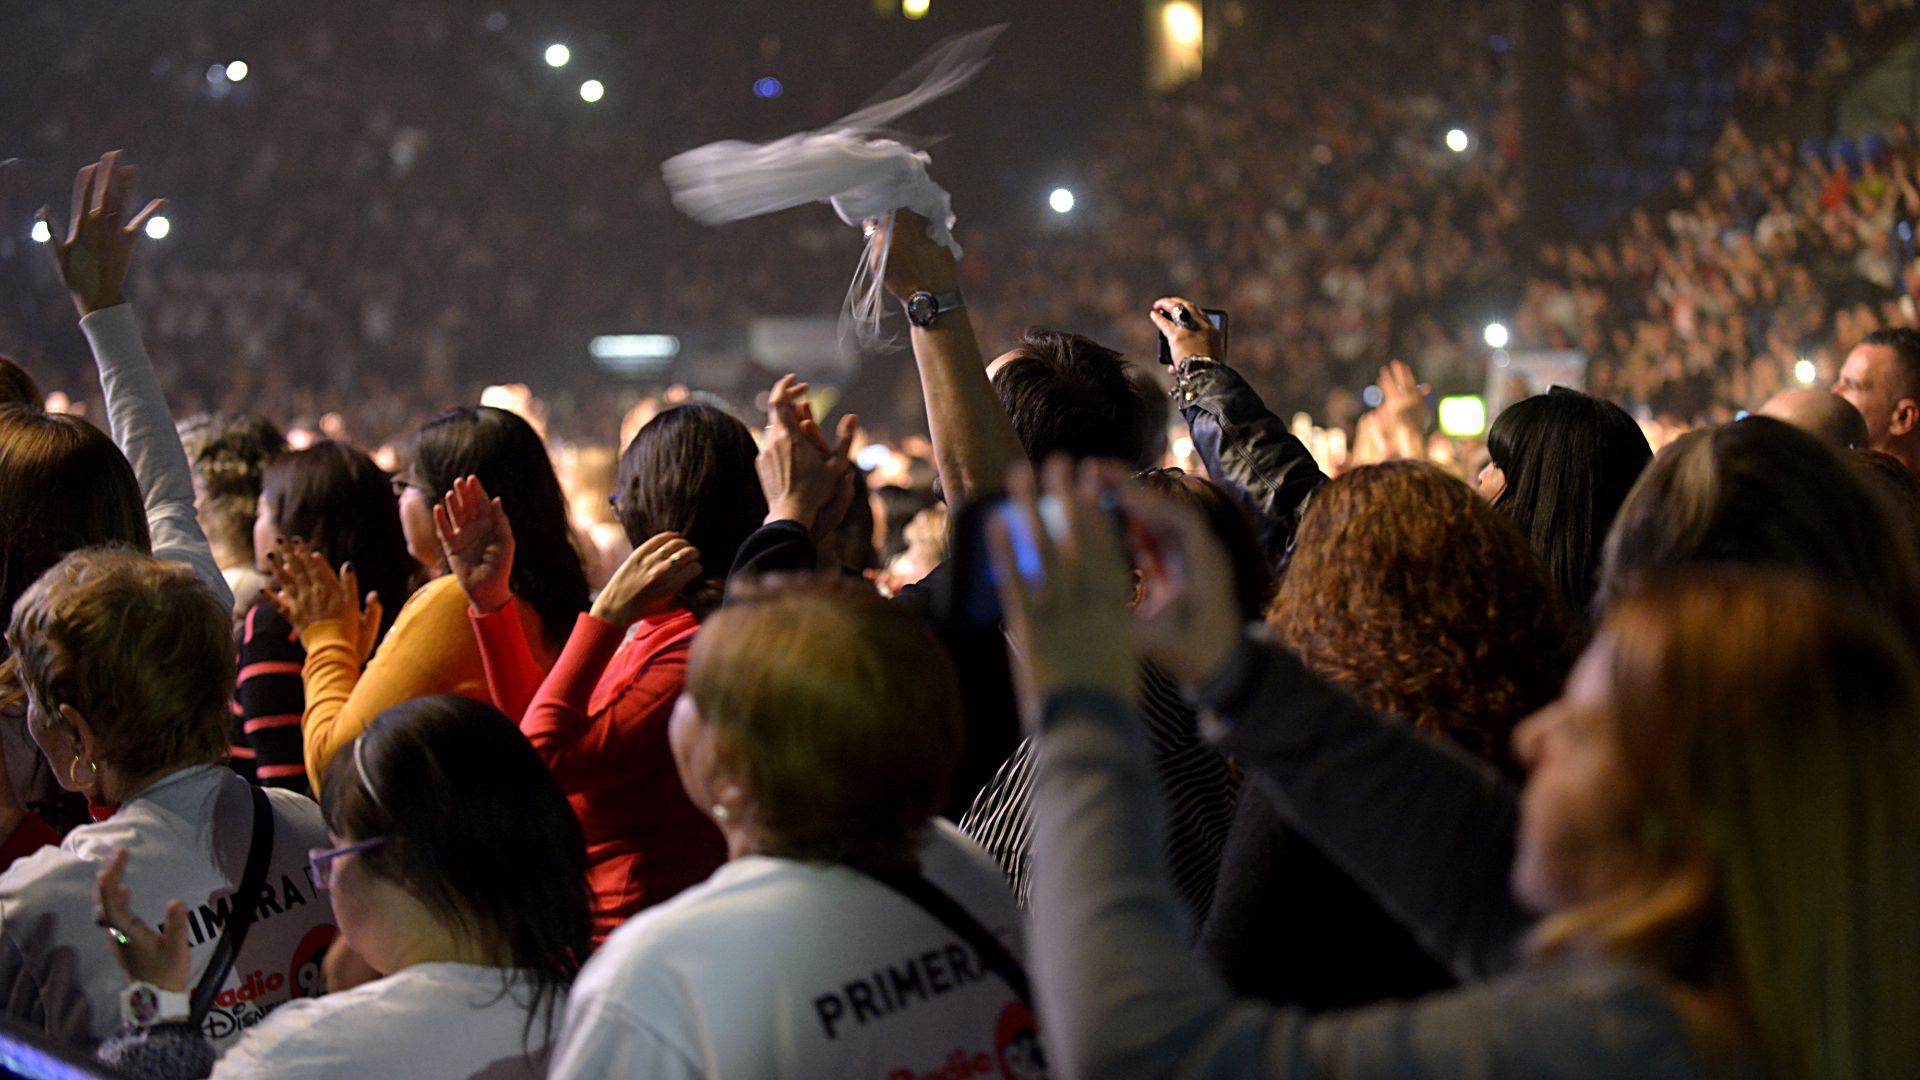 Nos volveremos a ver… Las fans saludaron con una ovación a Ricardo Montaner, luego de un recital inolvidable (Fotos: Gustavo Gavotti)